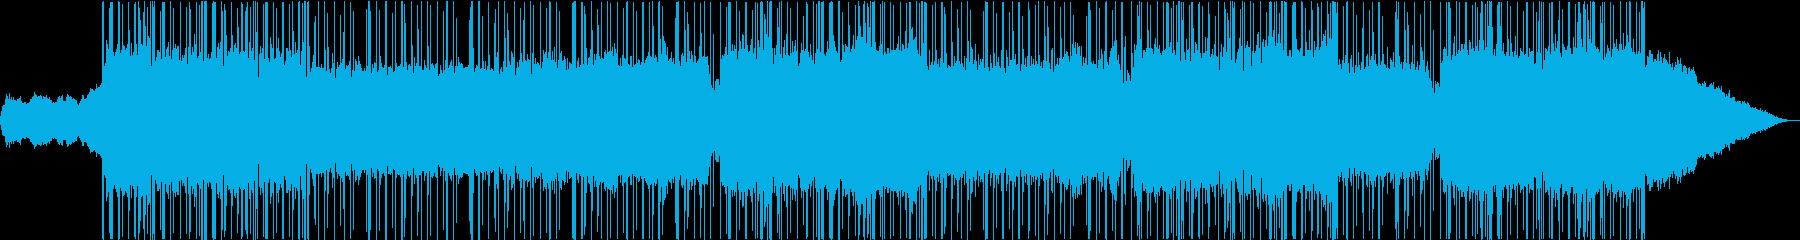 洋楽/ギター/Retrowave/ビートの再生済みの波形